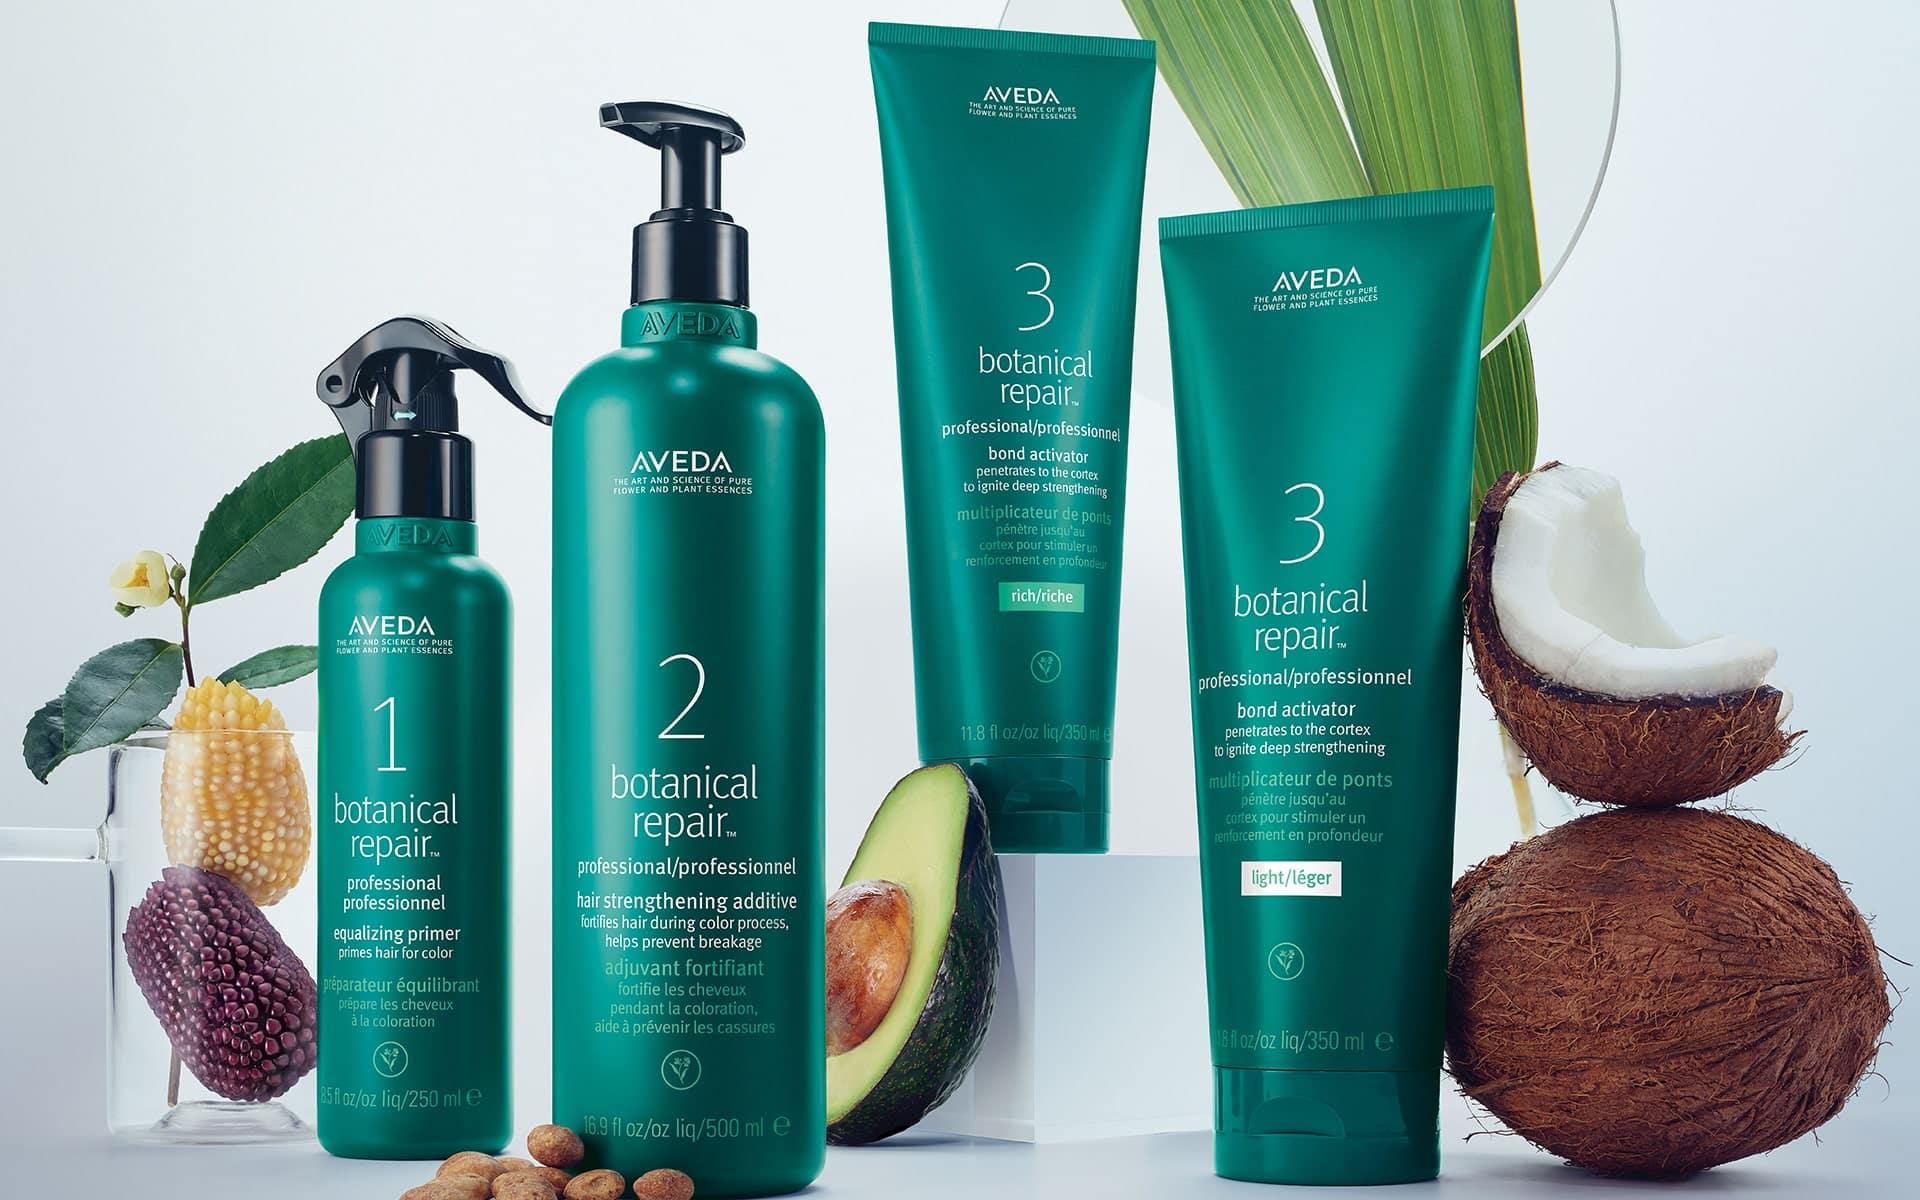 Die neue AVEDA Botanical Repair Produkte Linie